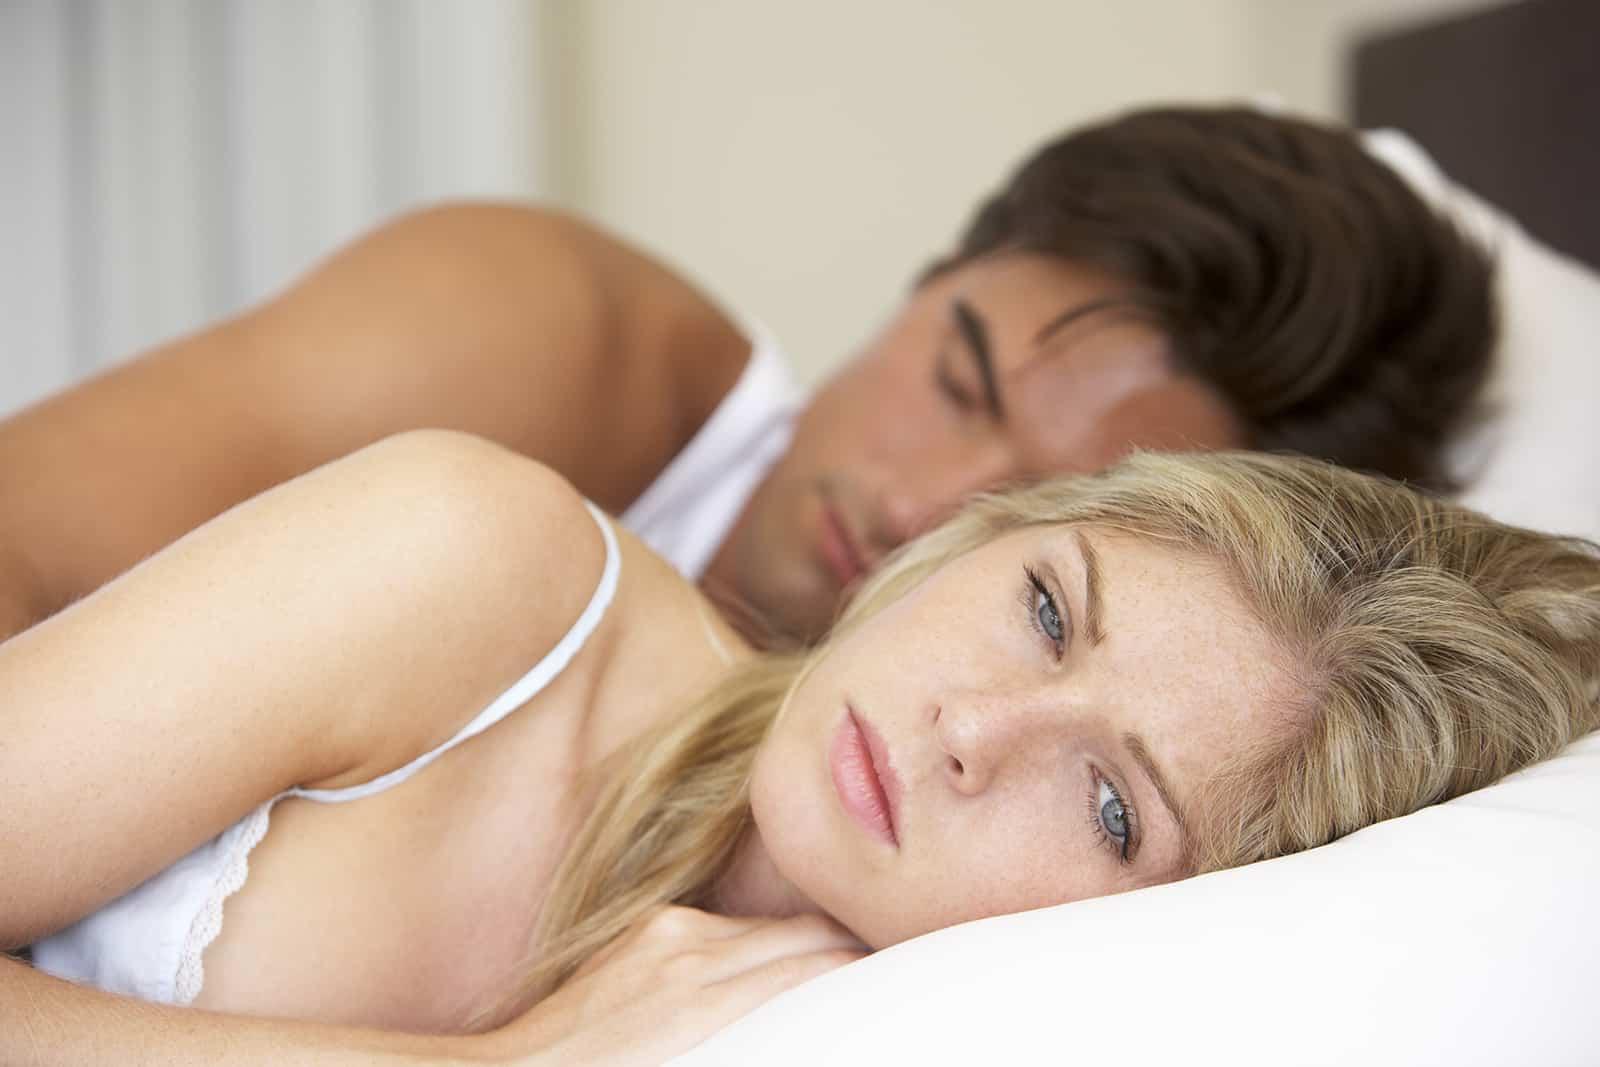 besorgte Frau, die neben ihrem schlafenden Ehemann im Bett liegt